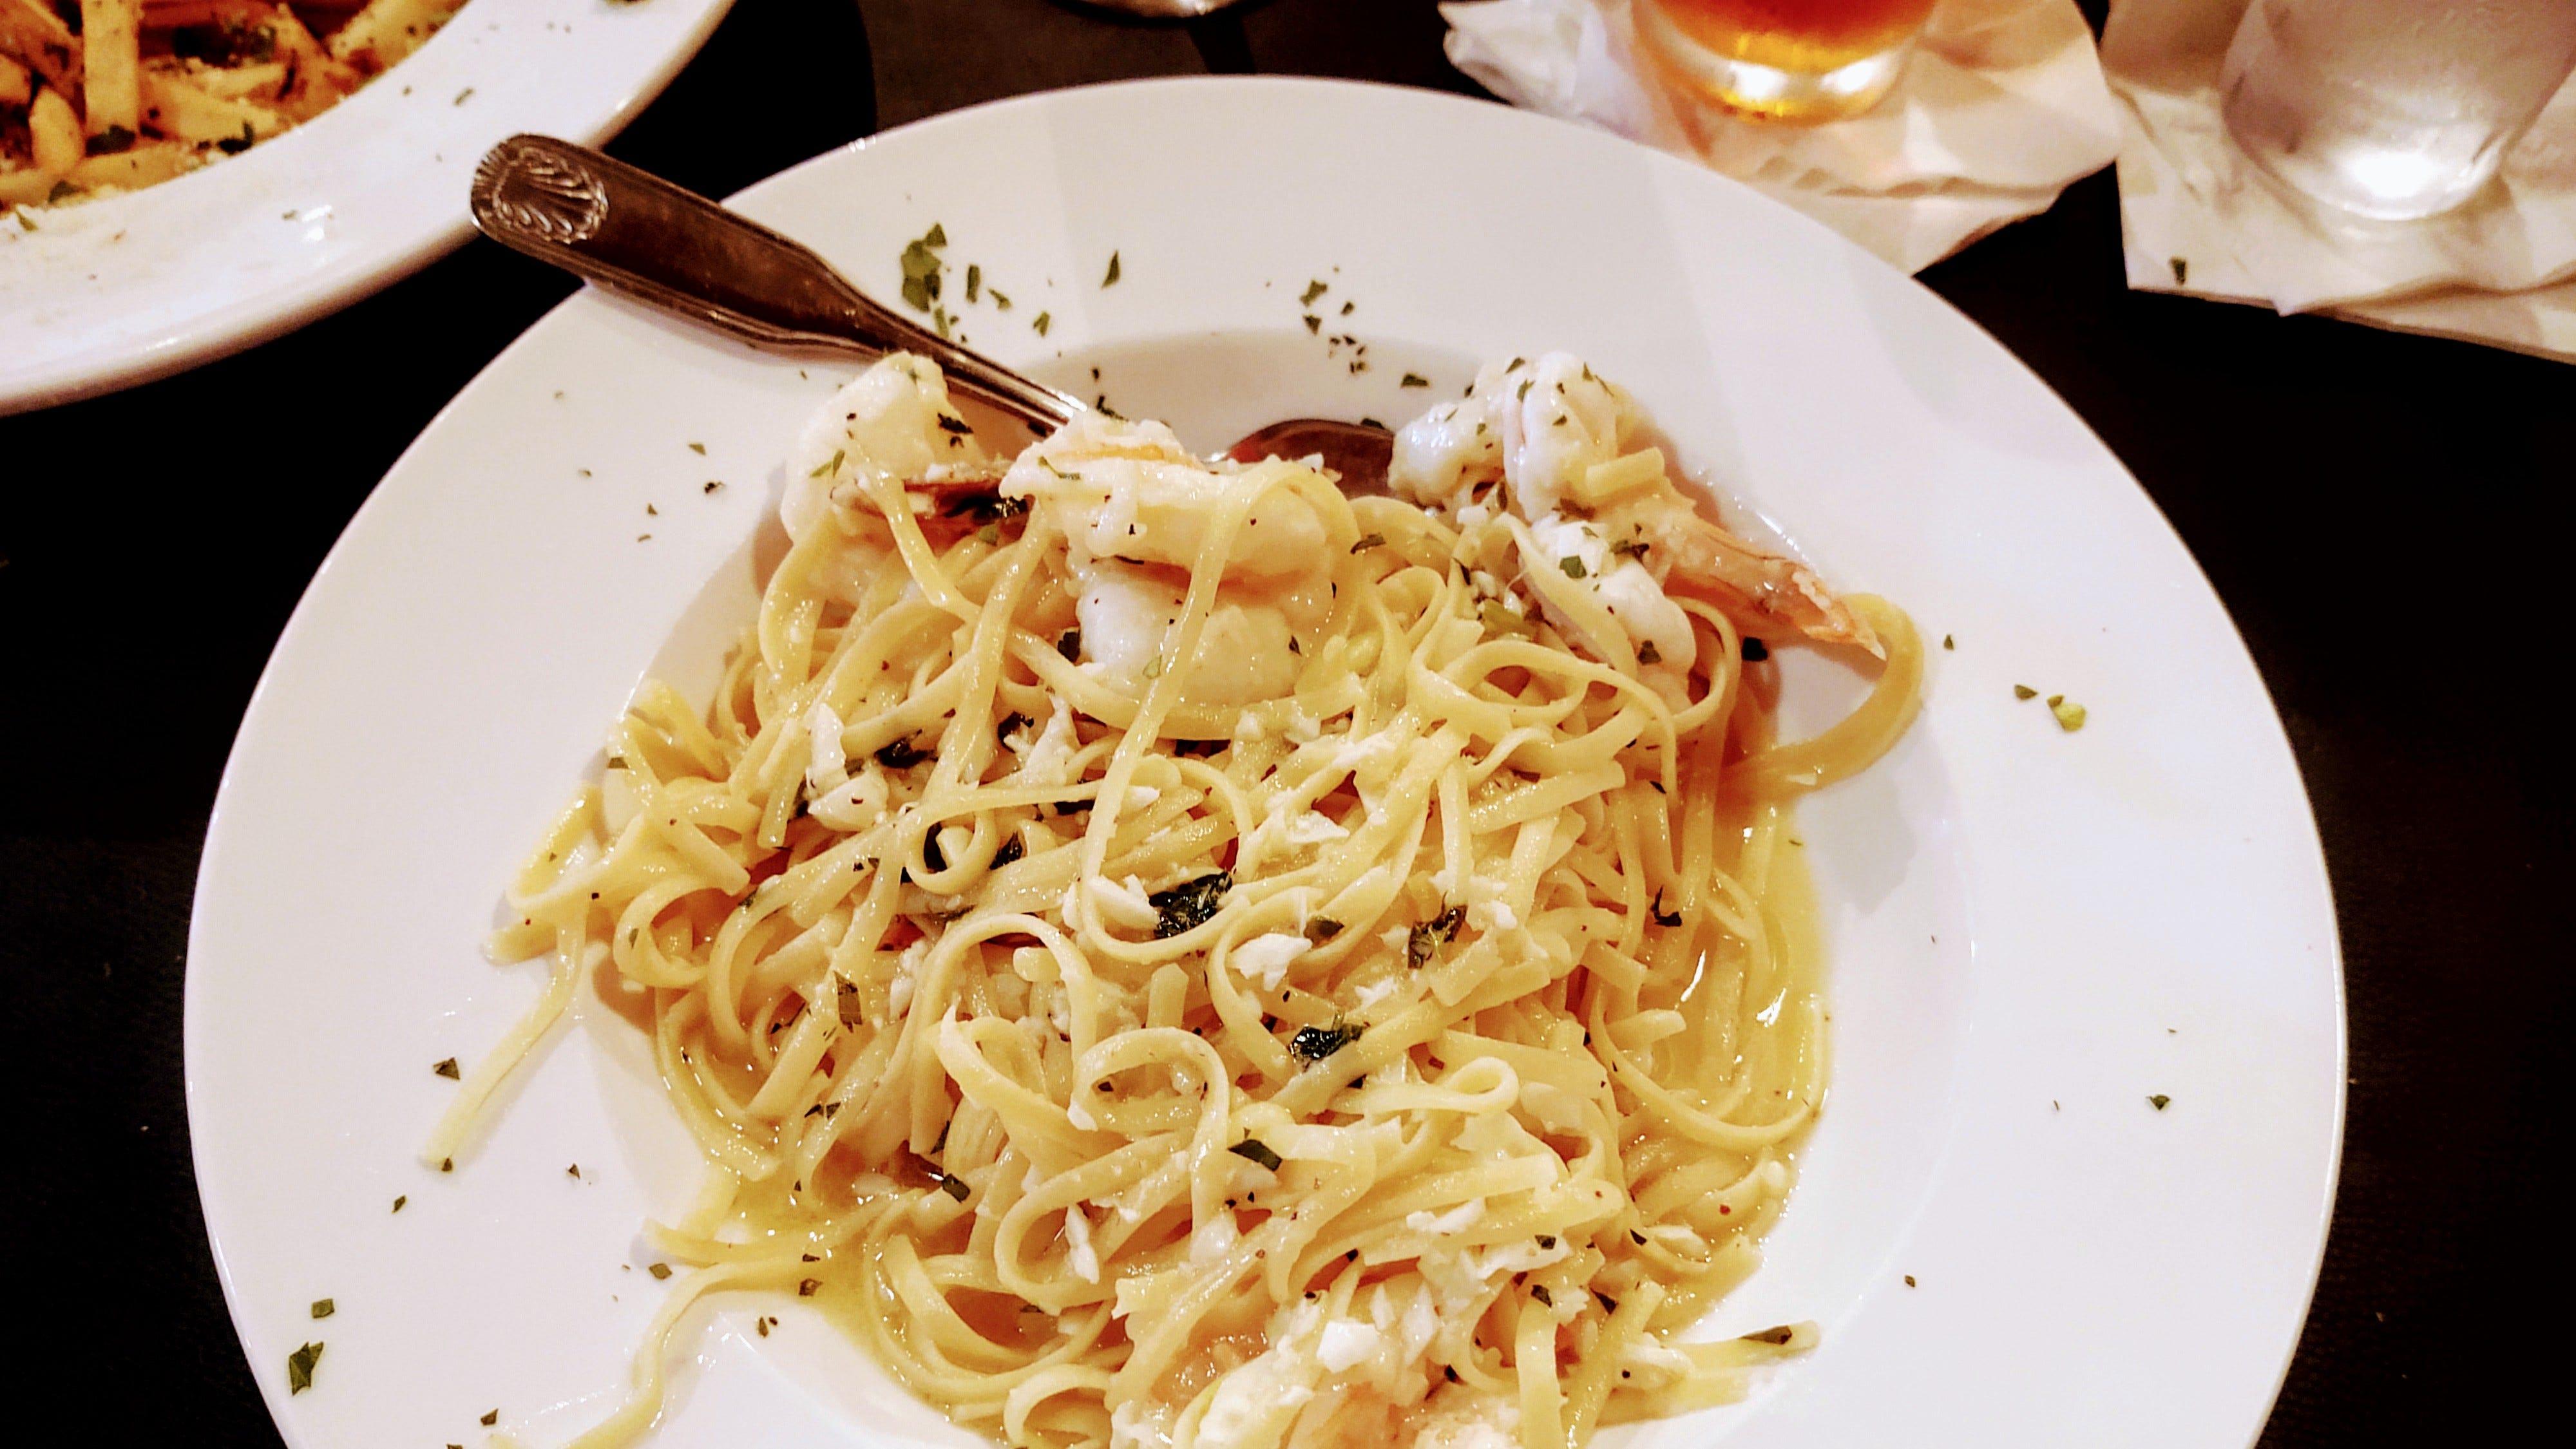 Armani seleziona gamberi giganti per l'antipasto di scampi, serviti con linguine in salsa di vino all'aglio.